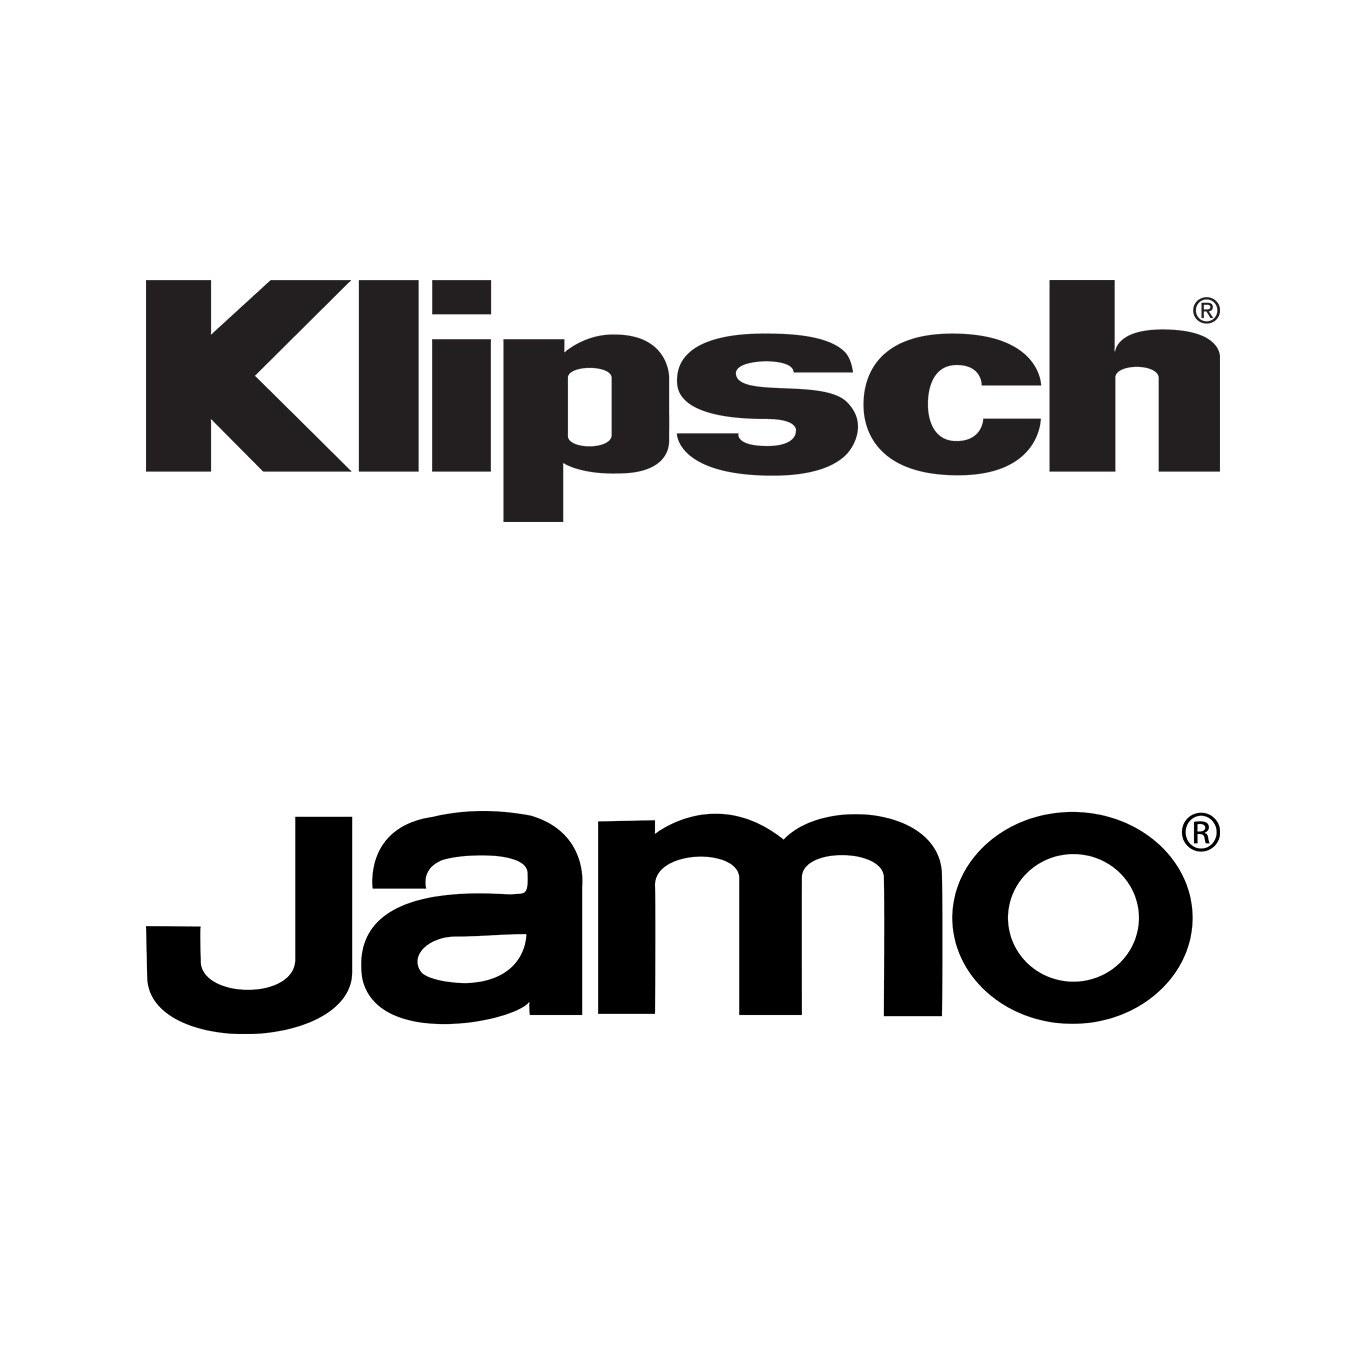 Klipsch Jamo Logos